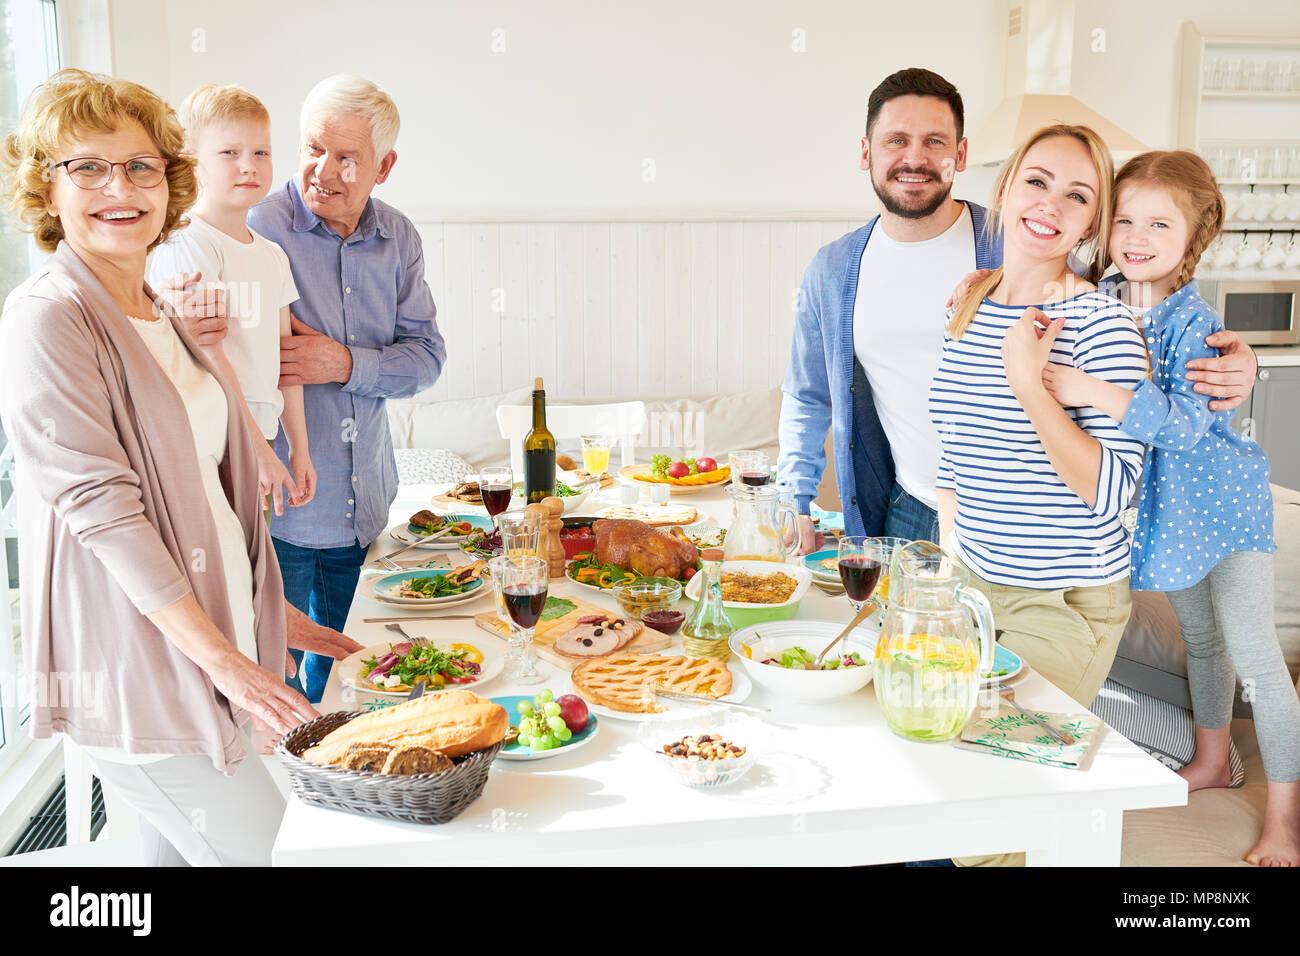 Große, glückliche Familie posiert am Tisch Stockbild